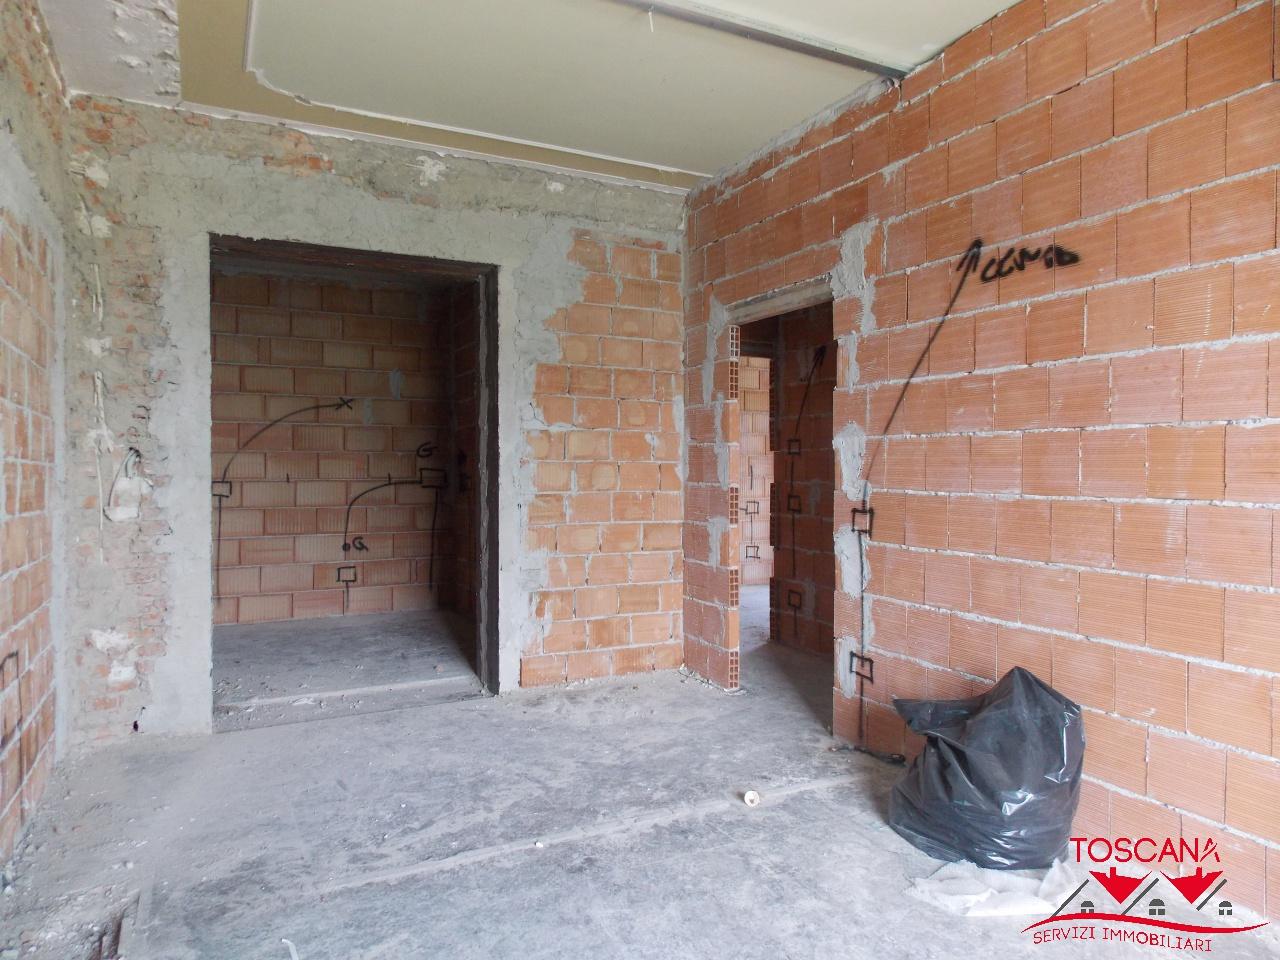 Appartamento ristrutturato in vendita Rif. 10312540